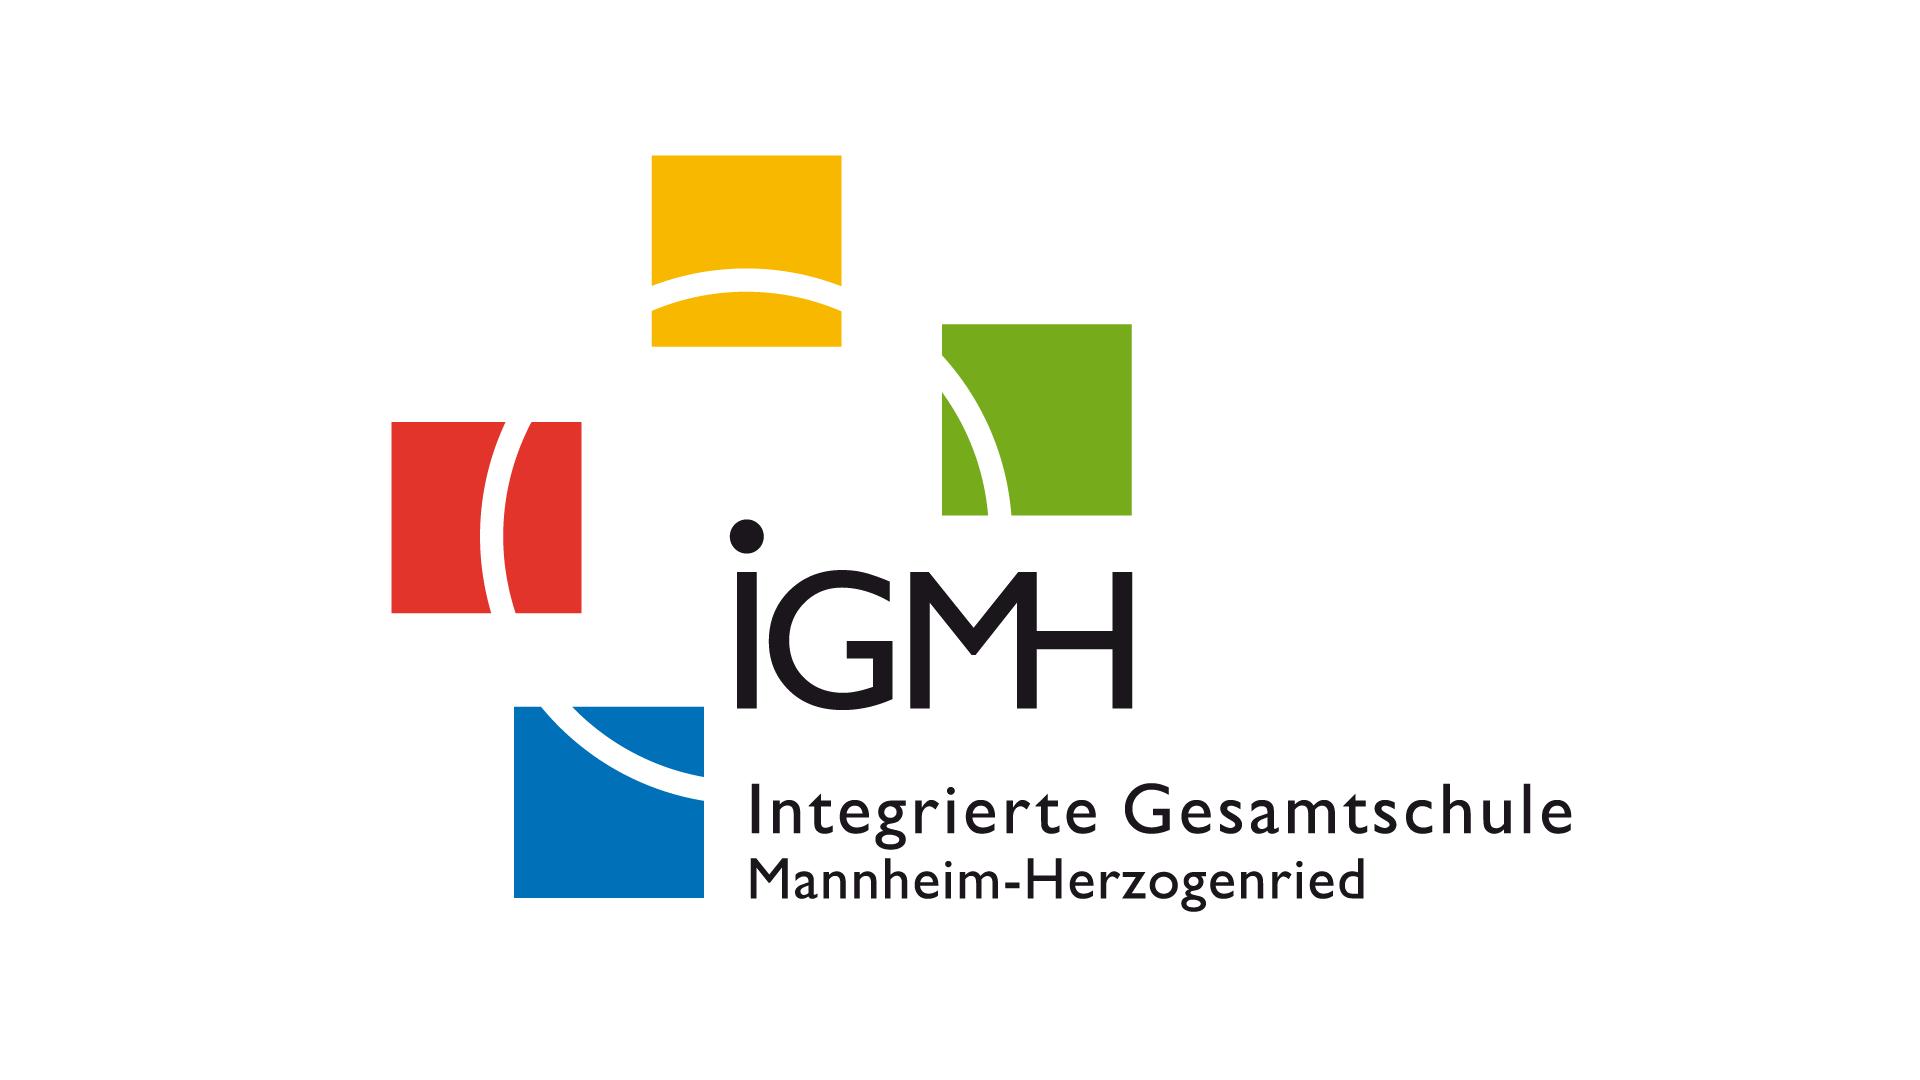 Integrierte Gesamtschule Mannheim-Herzogenried, Logo, Geschäftspapiere